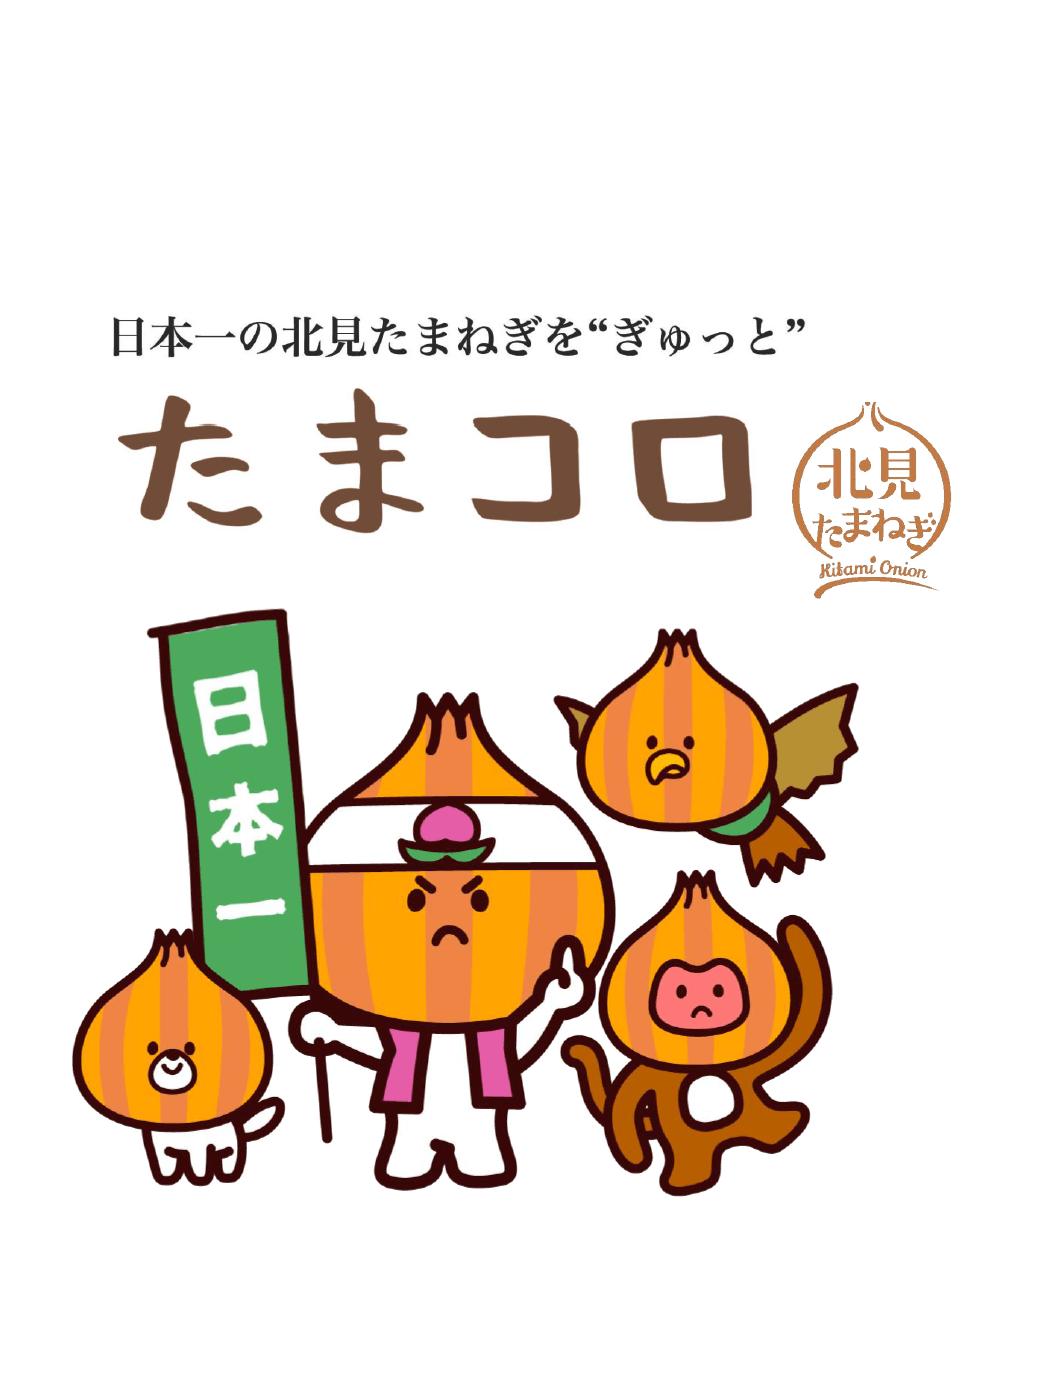 たまコロキャラクター5